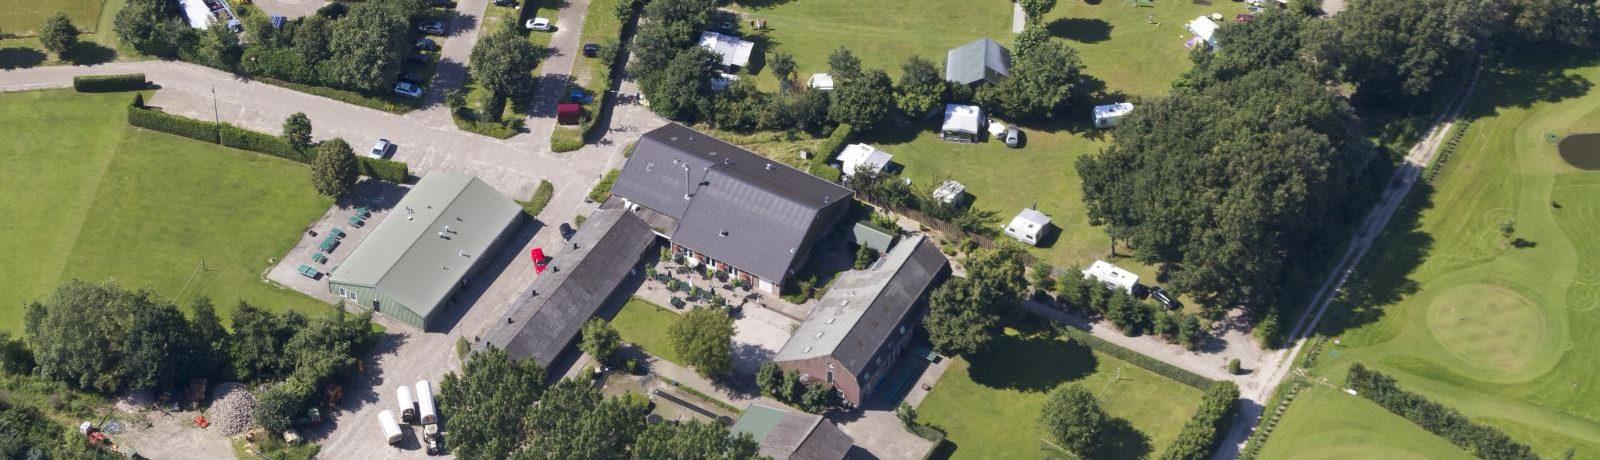 Camping 't Caves is een fijne kleine op het platteland in Wintelre in de regio Noord-Brabant met 30 toerplaatsen.